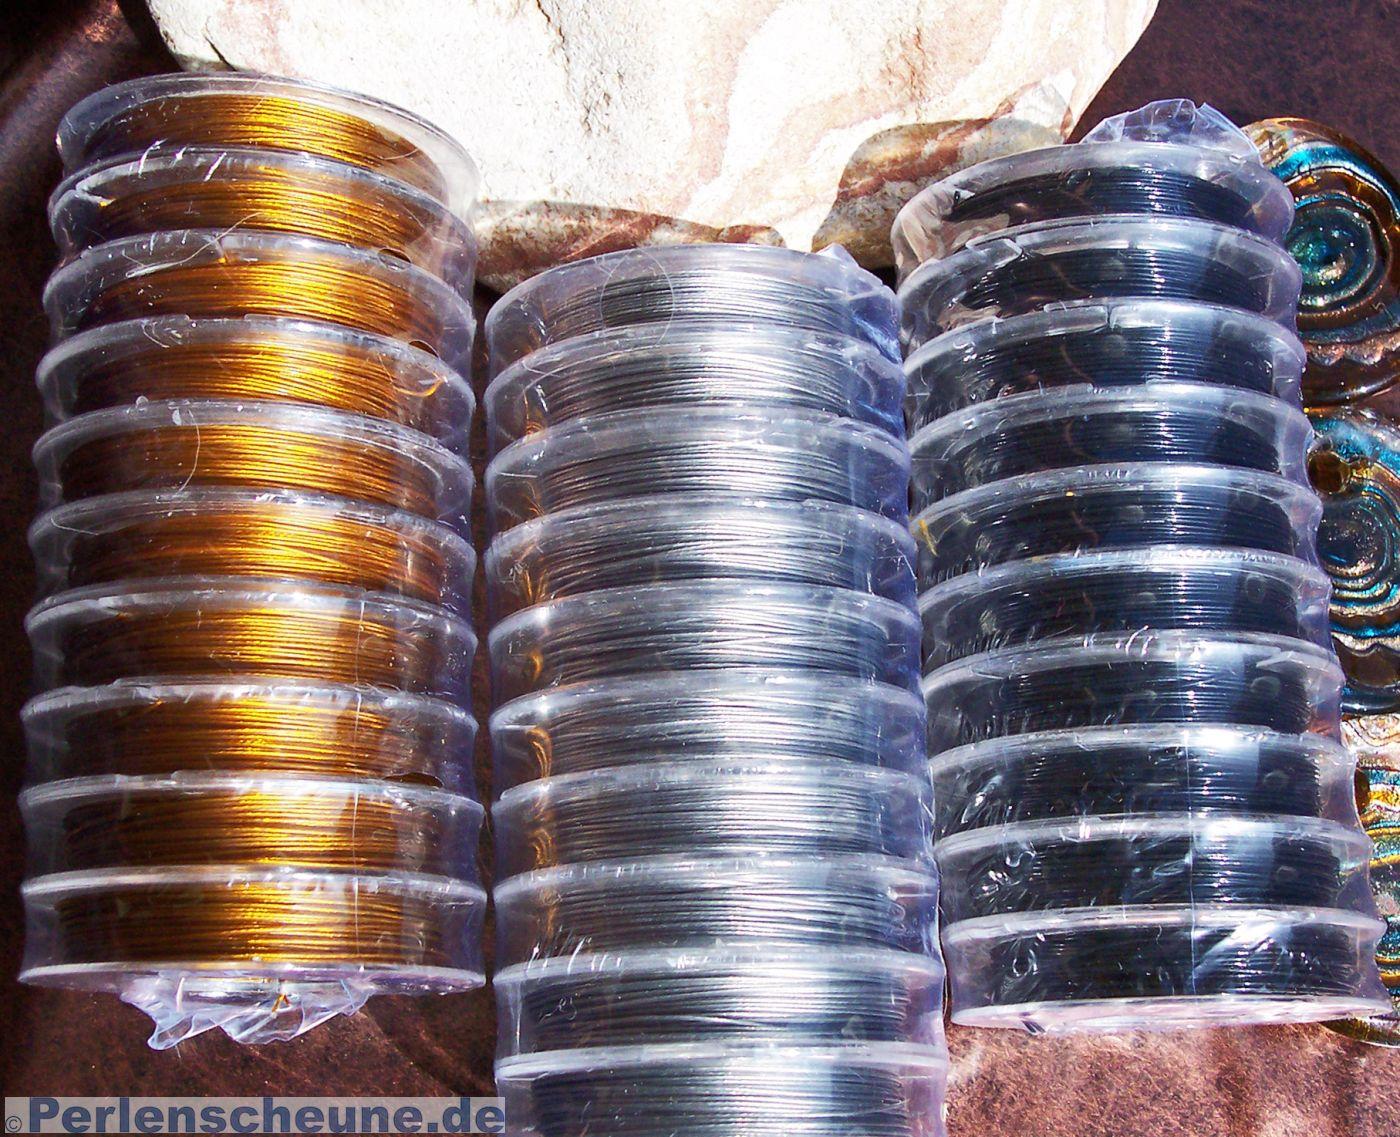 Schmuckdraht Juwelierdraht Edelstahldraht 100m Rolle Stahlseil ummantelt 0,4mm pearl silver zum Schmuck selbermachen mit Perlen und Zubeh/ör von Creative-Beads